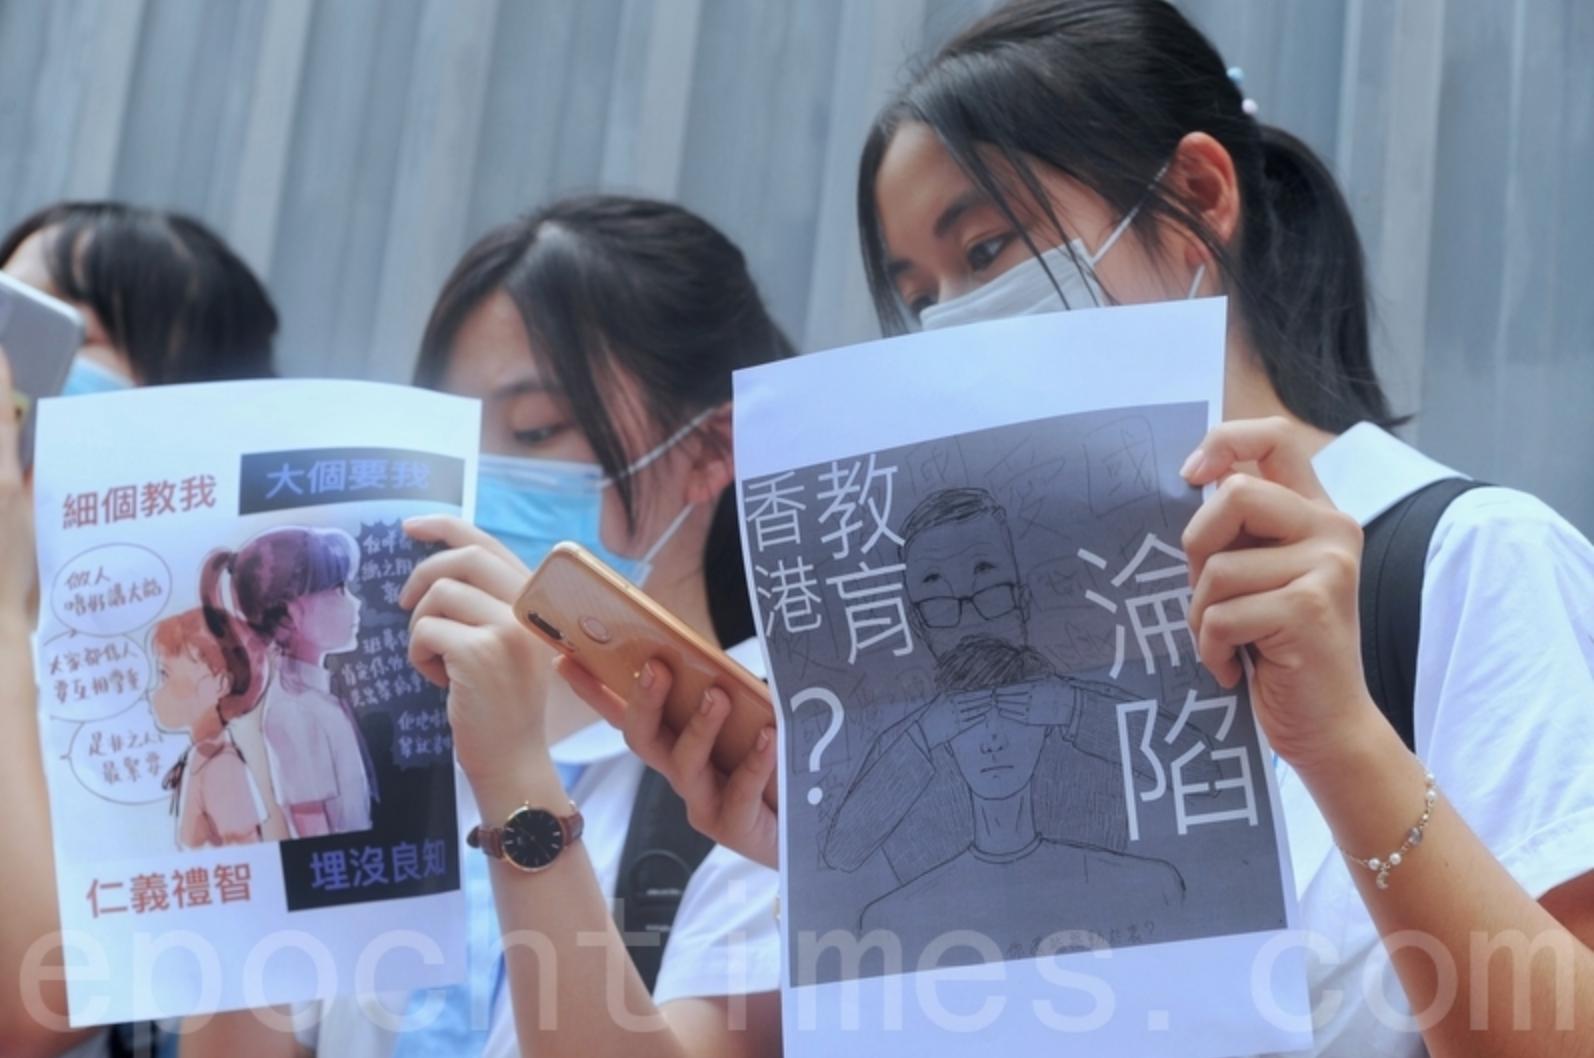 黃謂儒呼籲政府認真聆聽香港人心聲,當教育界被無理抹黑和攻擊時,希望教育局能發聲。(大紀元)